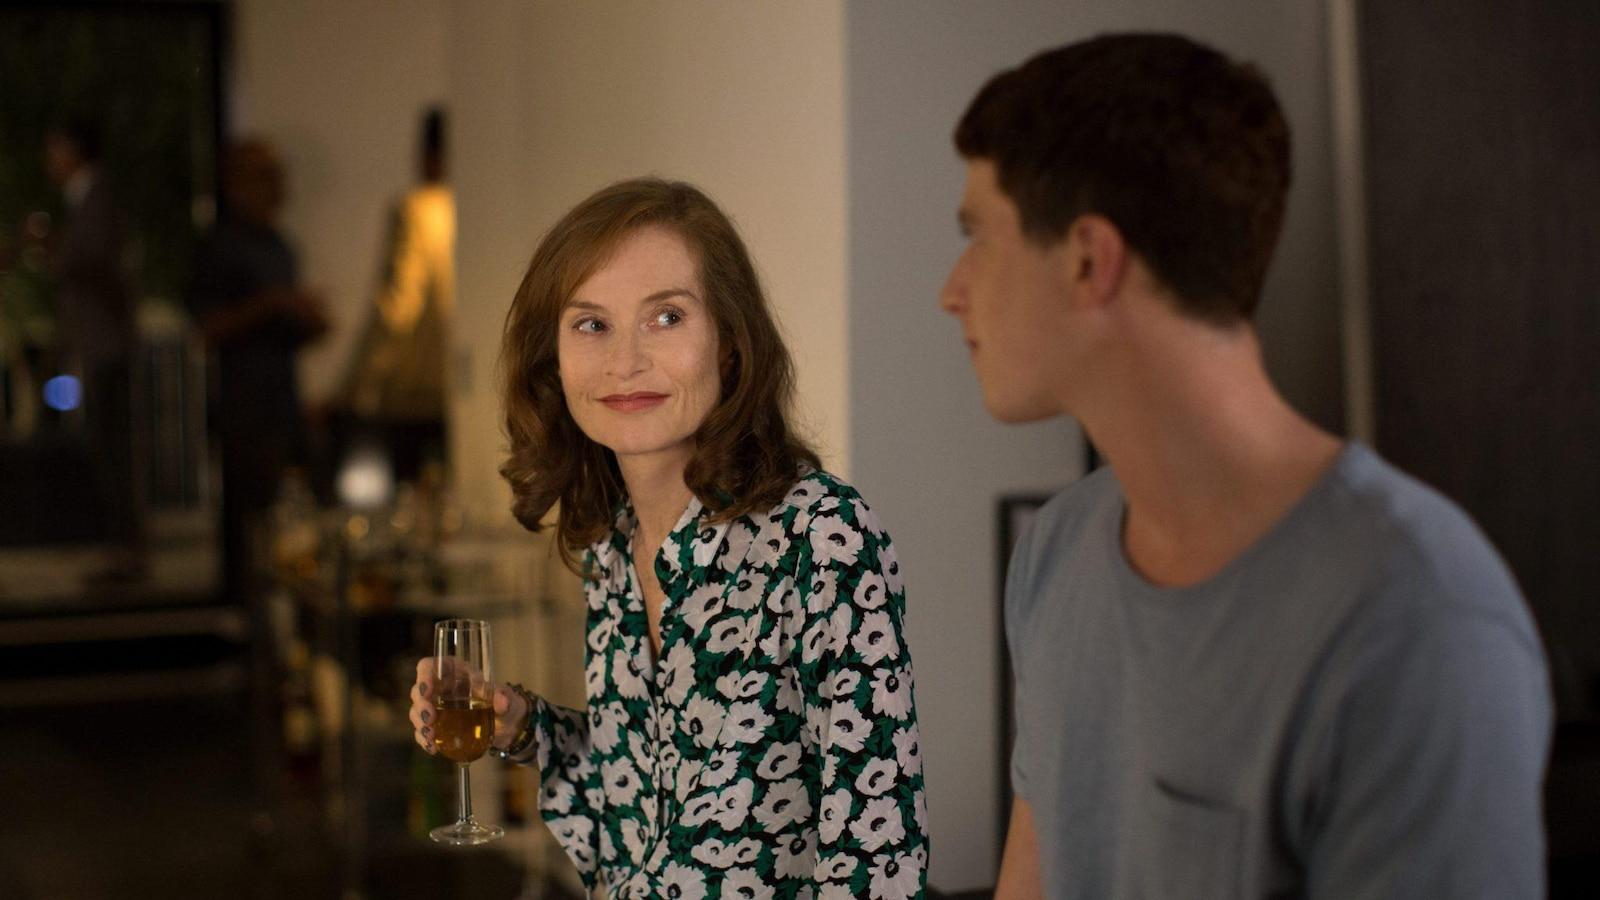 Une femme (Isabelle Huppert) tenant une coupe de champagne regarde tendrement un jeune homme.